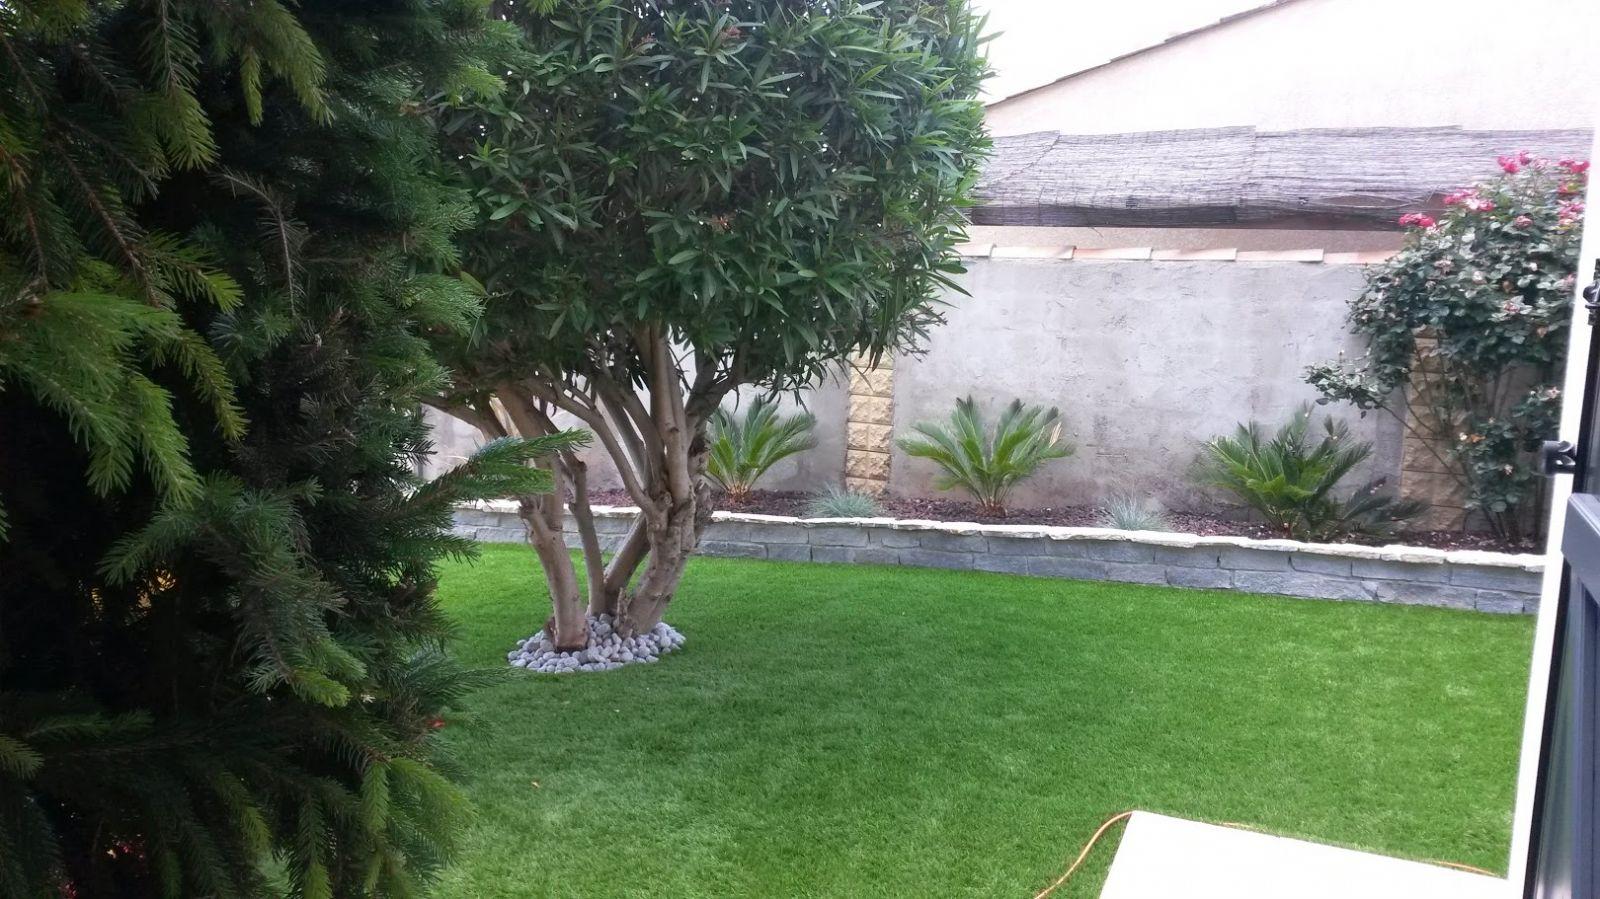 Aménagement Jardin Pas Cher aménagement jardin avec gazon synthétique, marignane - vente